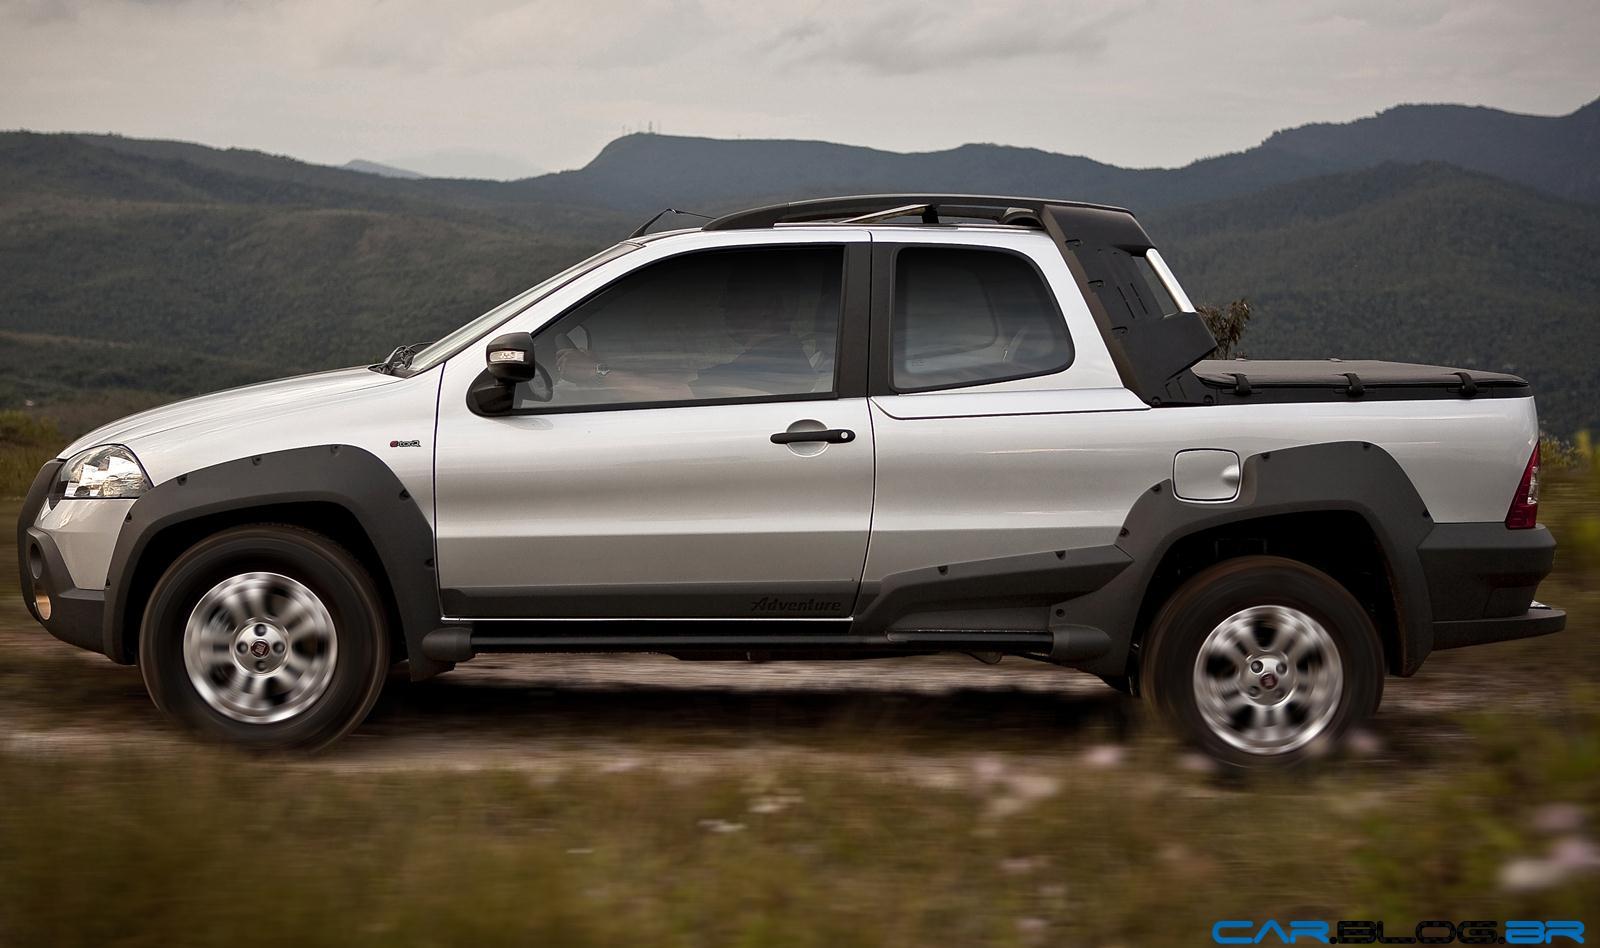 Fiat strada é líder de vendas no segmento de pick ups leves há 12